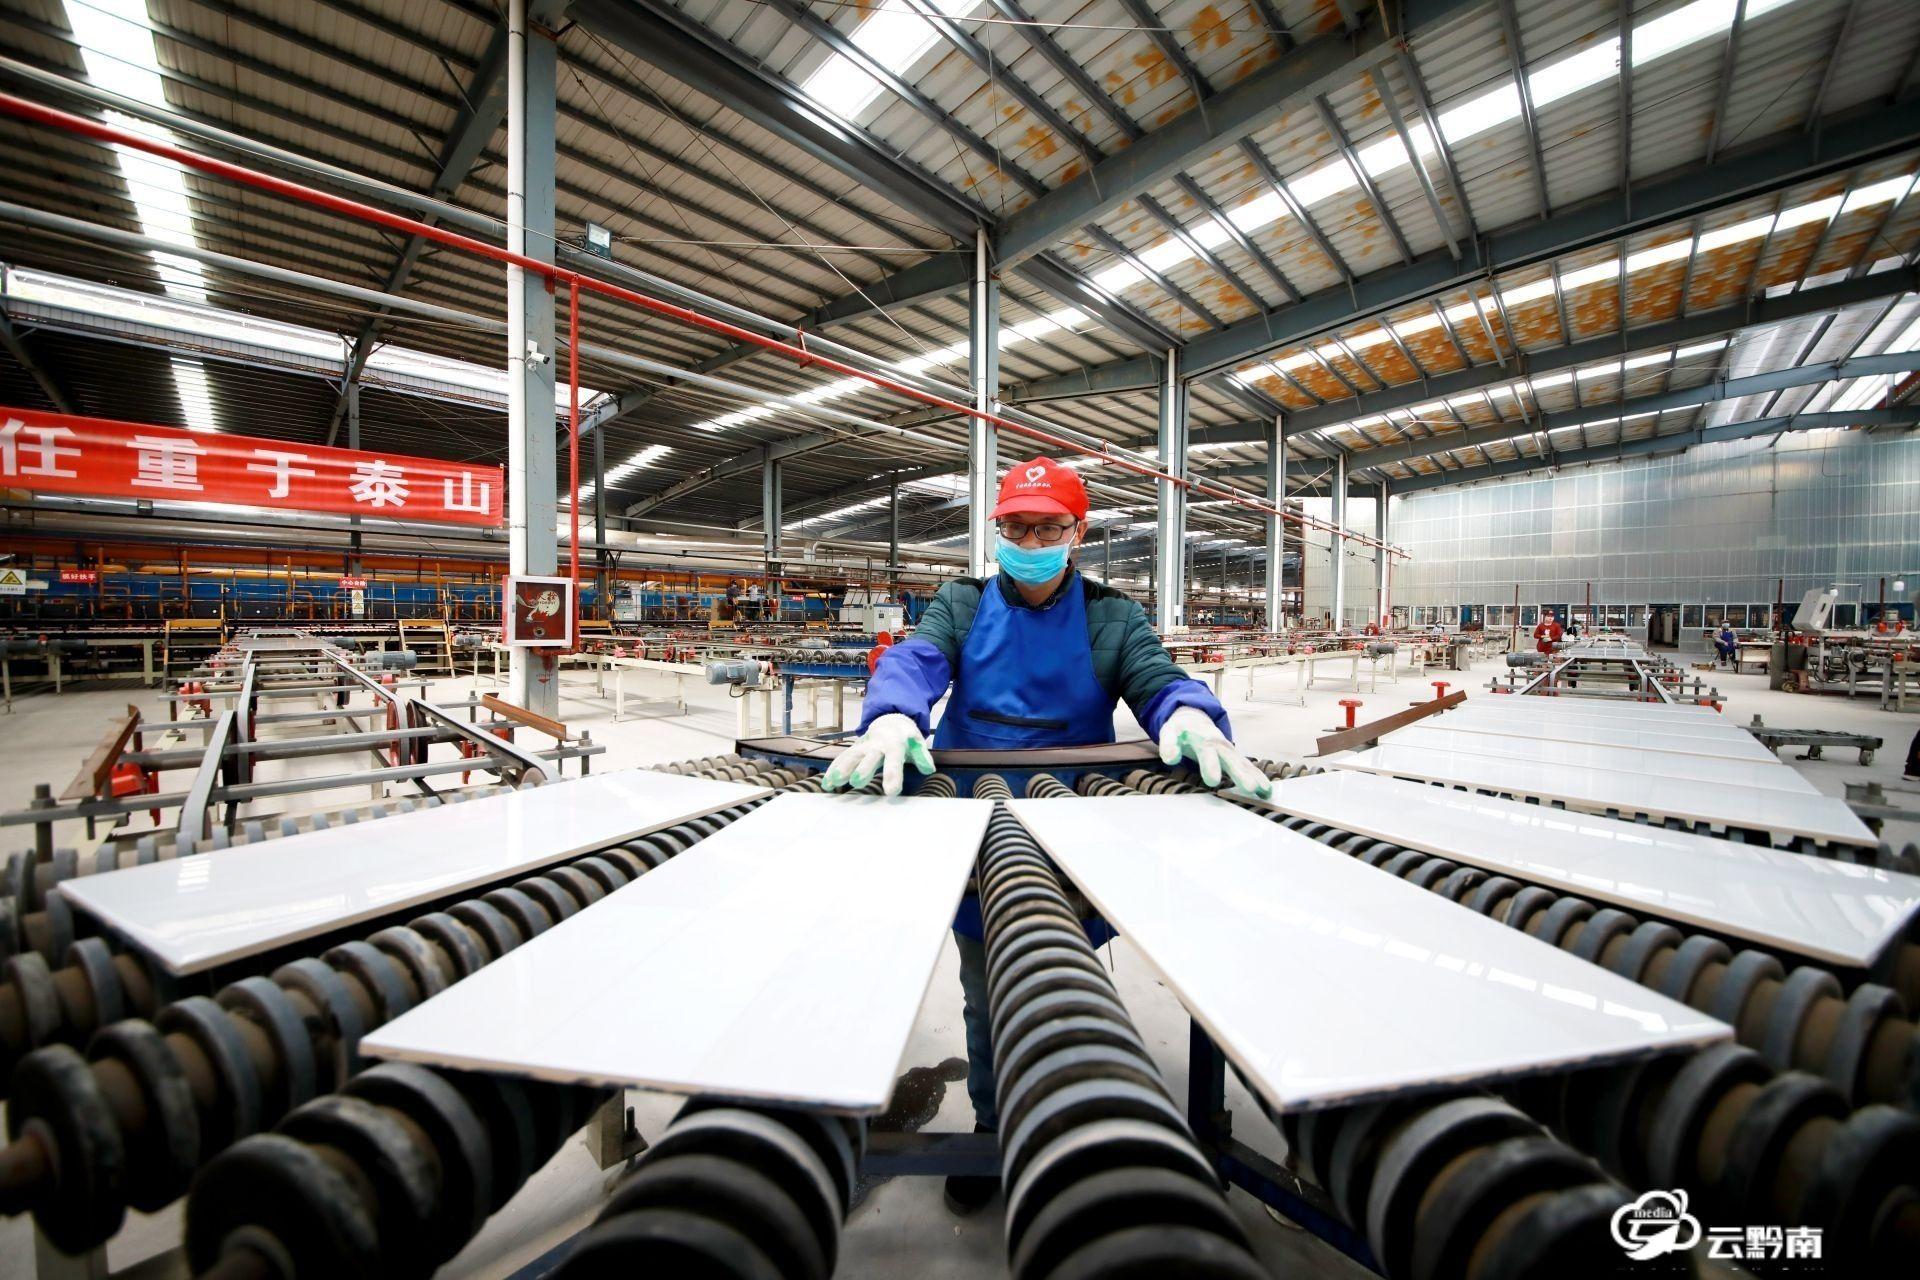 工业强州质量高 引领经济加速跑——黔南推进新型工业化发展掠影